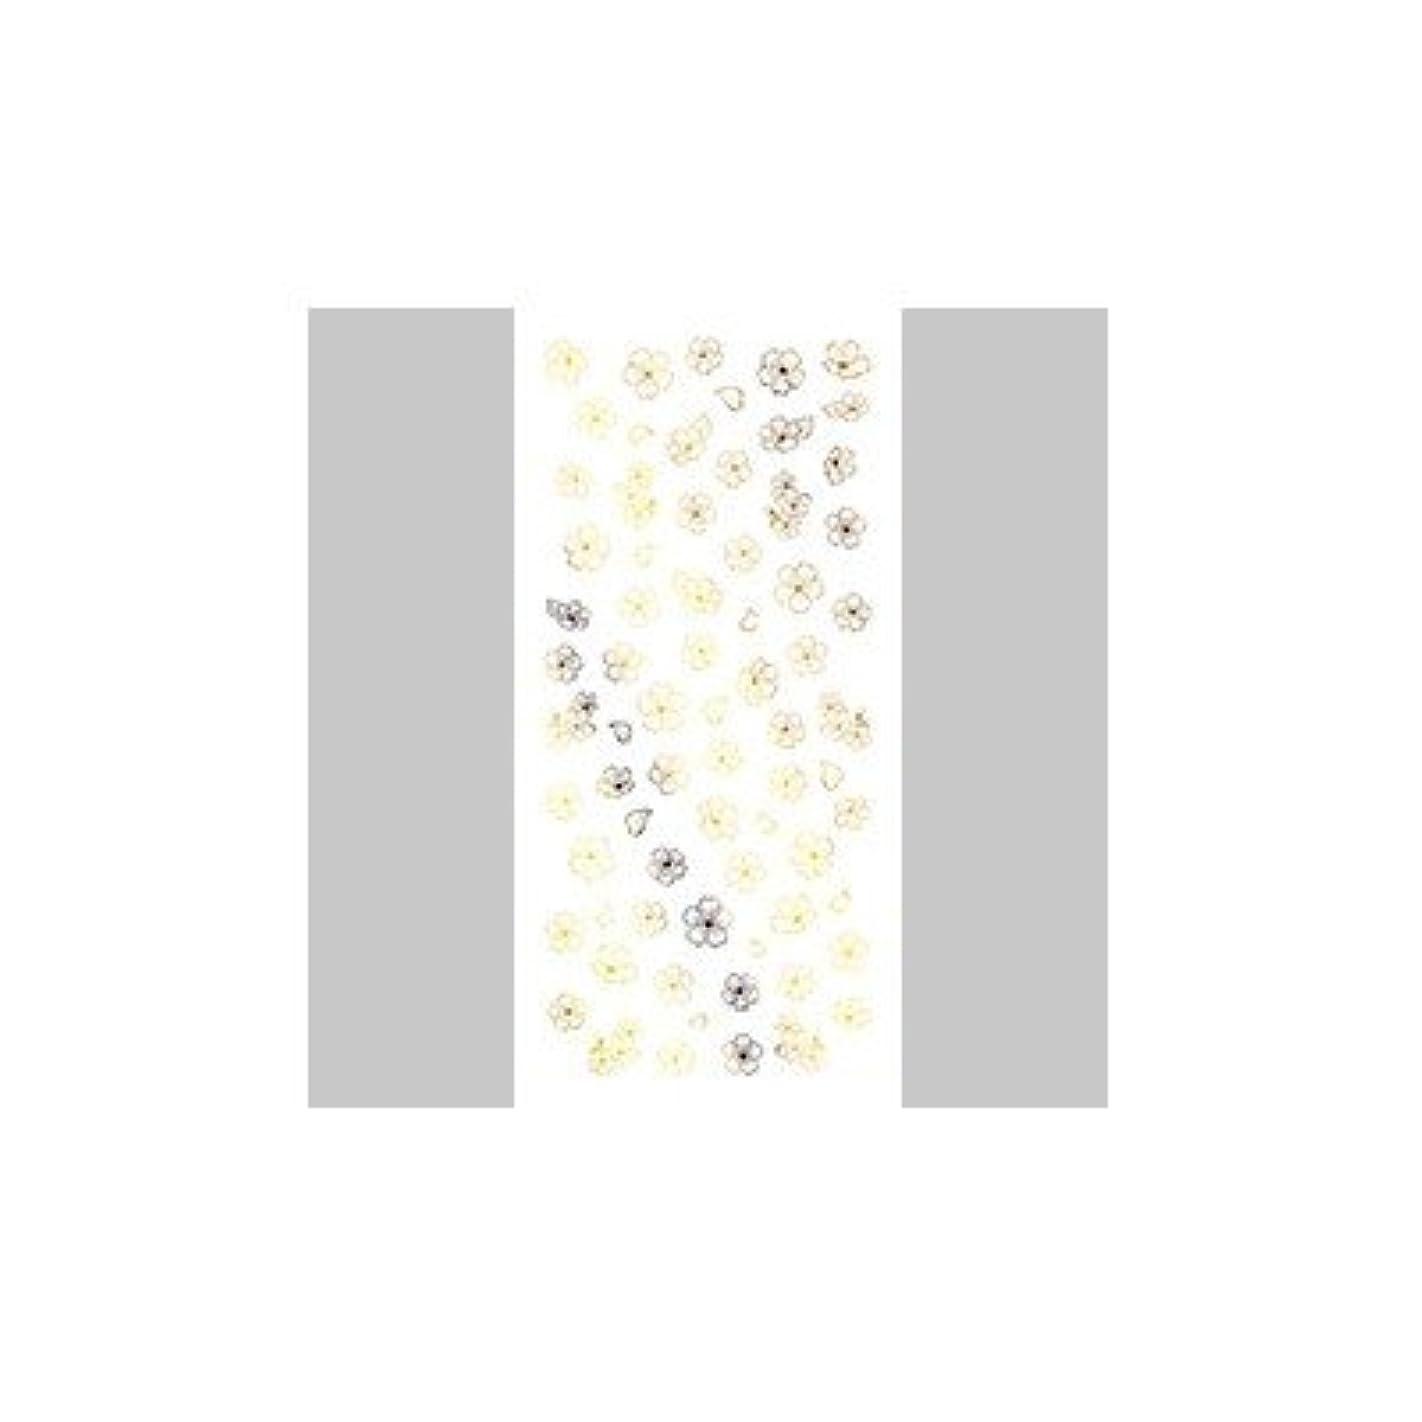 ツメキラ(TSUMEKIRA) ネイル用シール さくら5 ゴールド SG-SKR-502